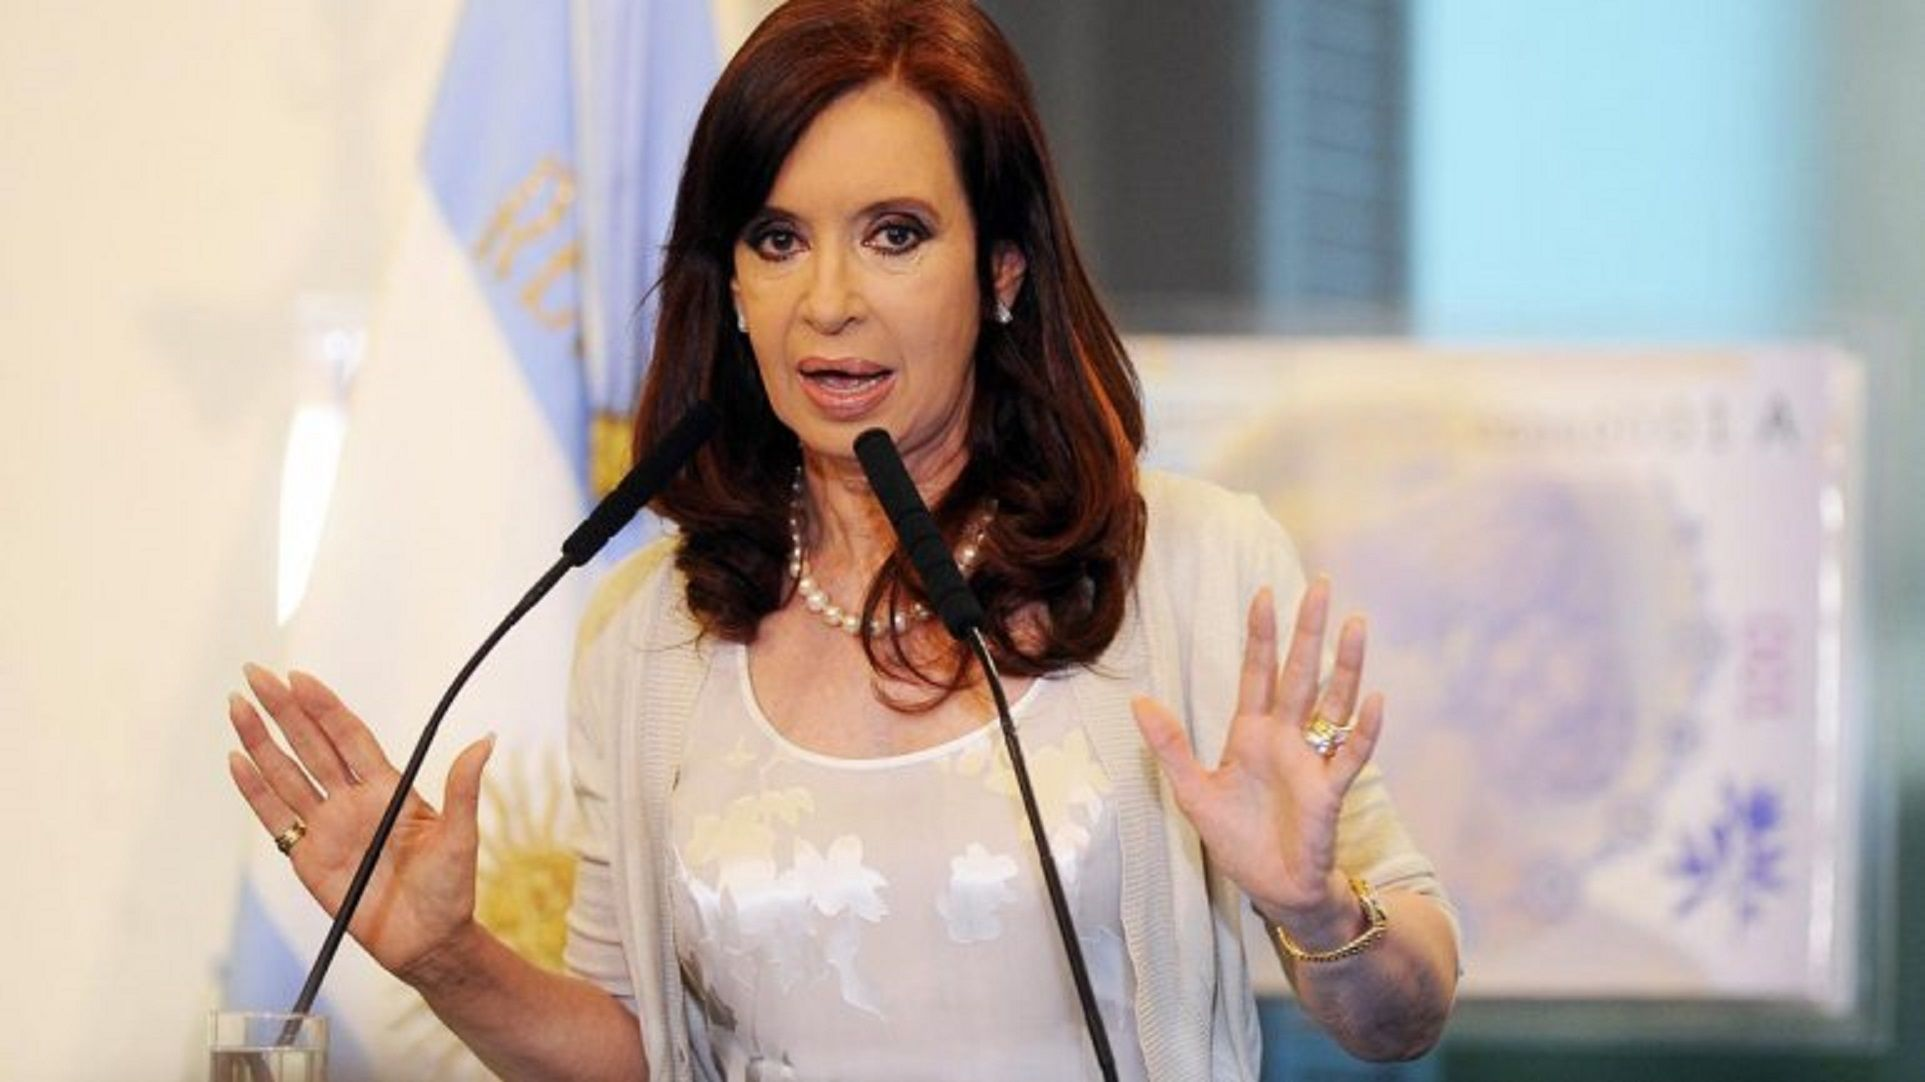 El contador de Cristina desmintió una nota difamatoria de Clarín sobre el patrimonio de la presidenta